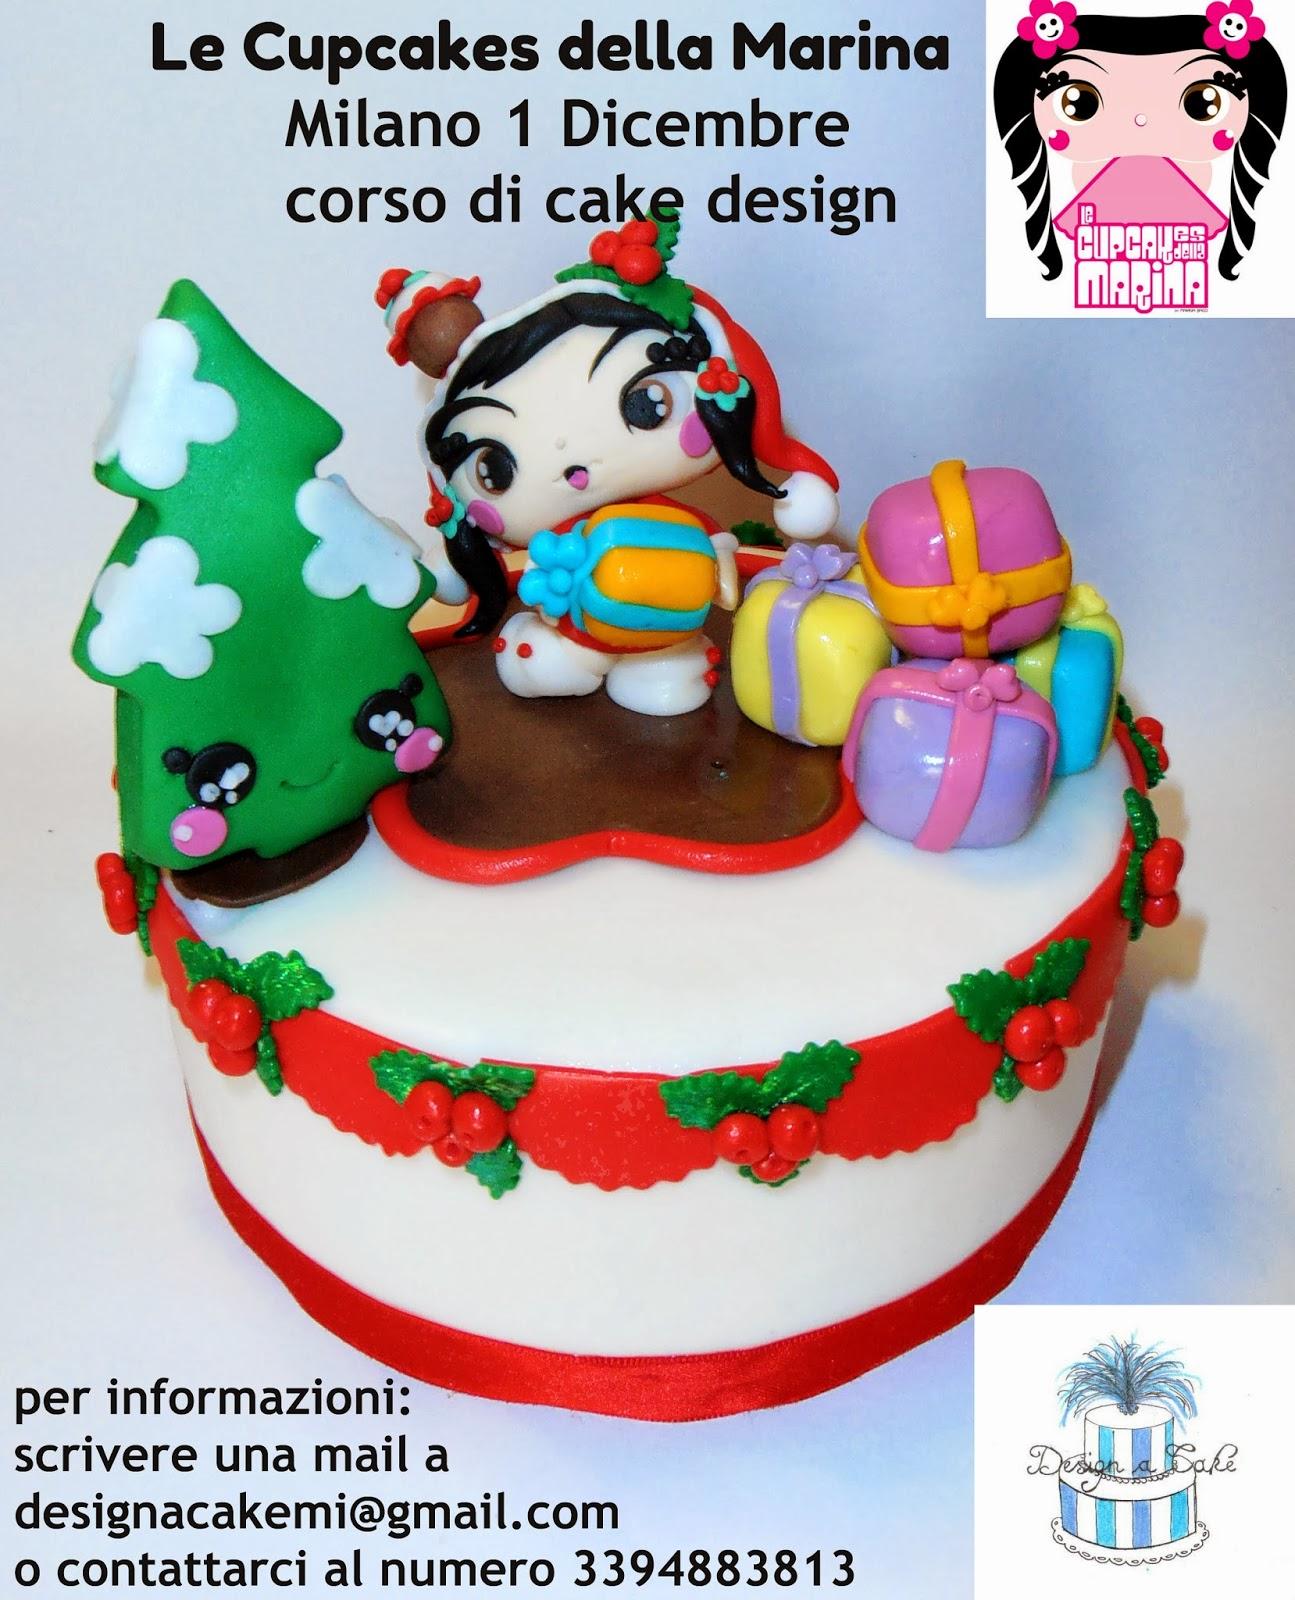 Materiale Cake Design Milano : Le Cupcakes della Marina: Corso Cake Design Milano 1 ...